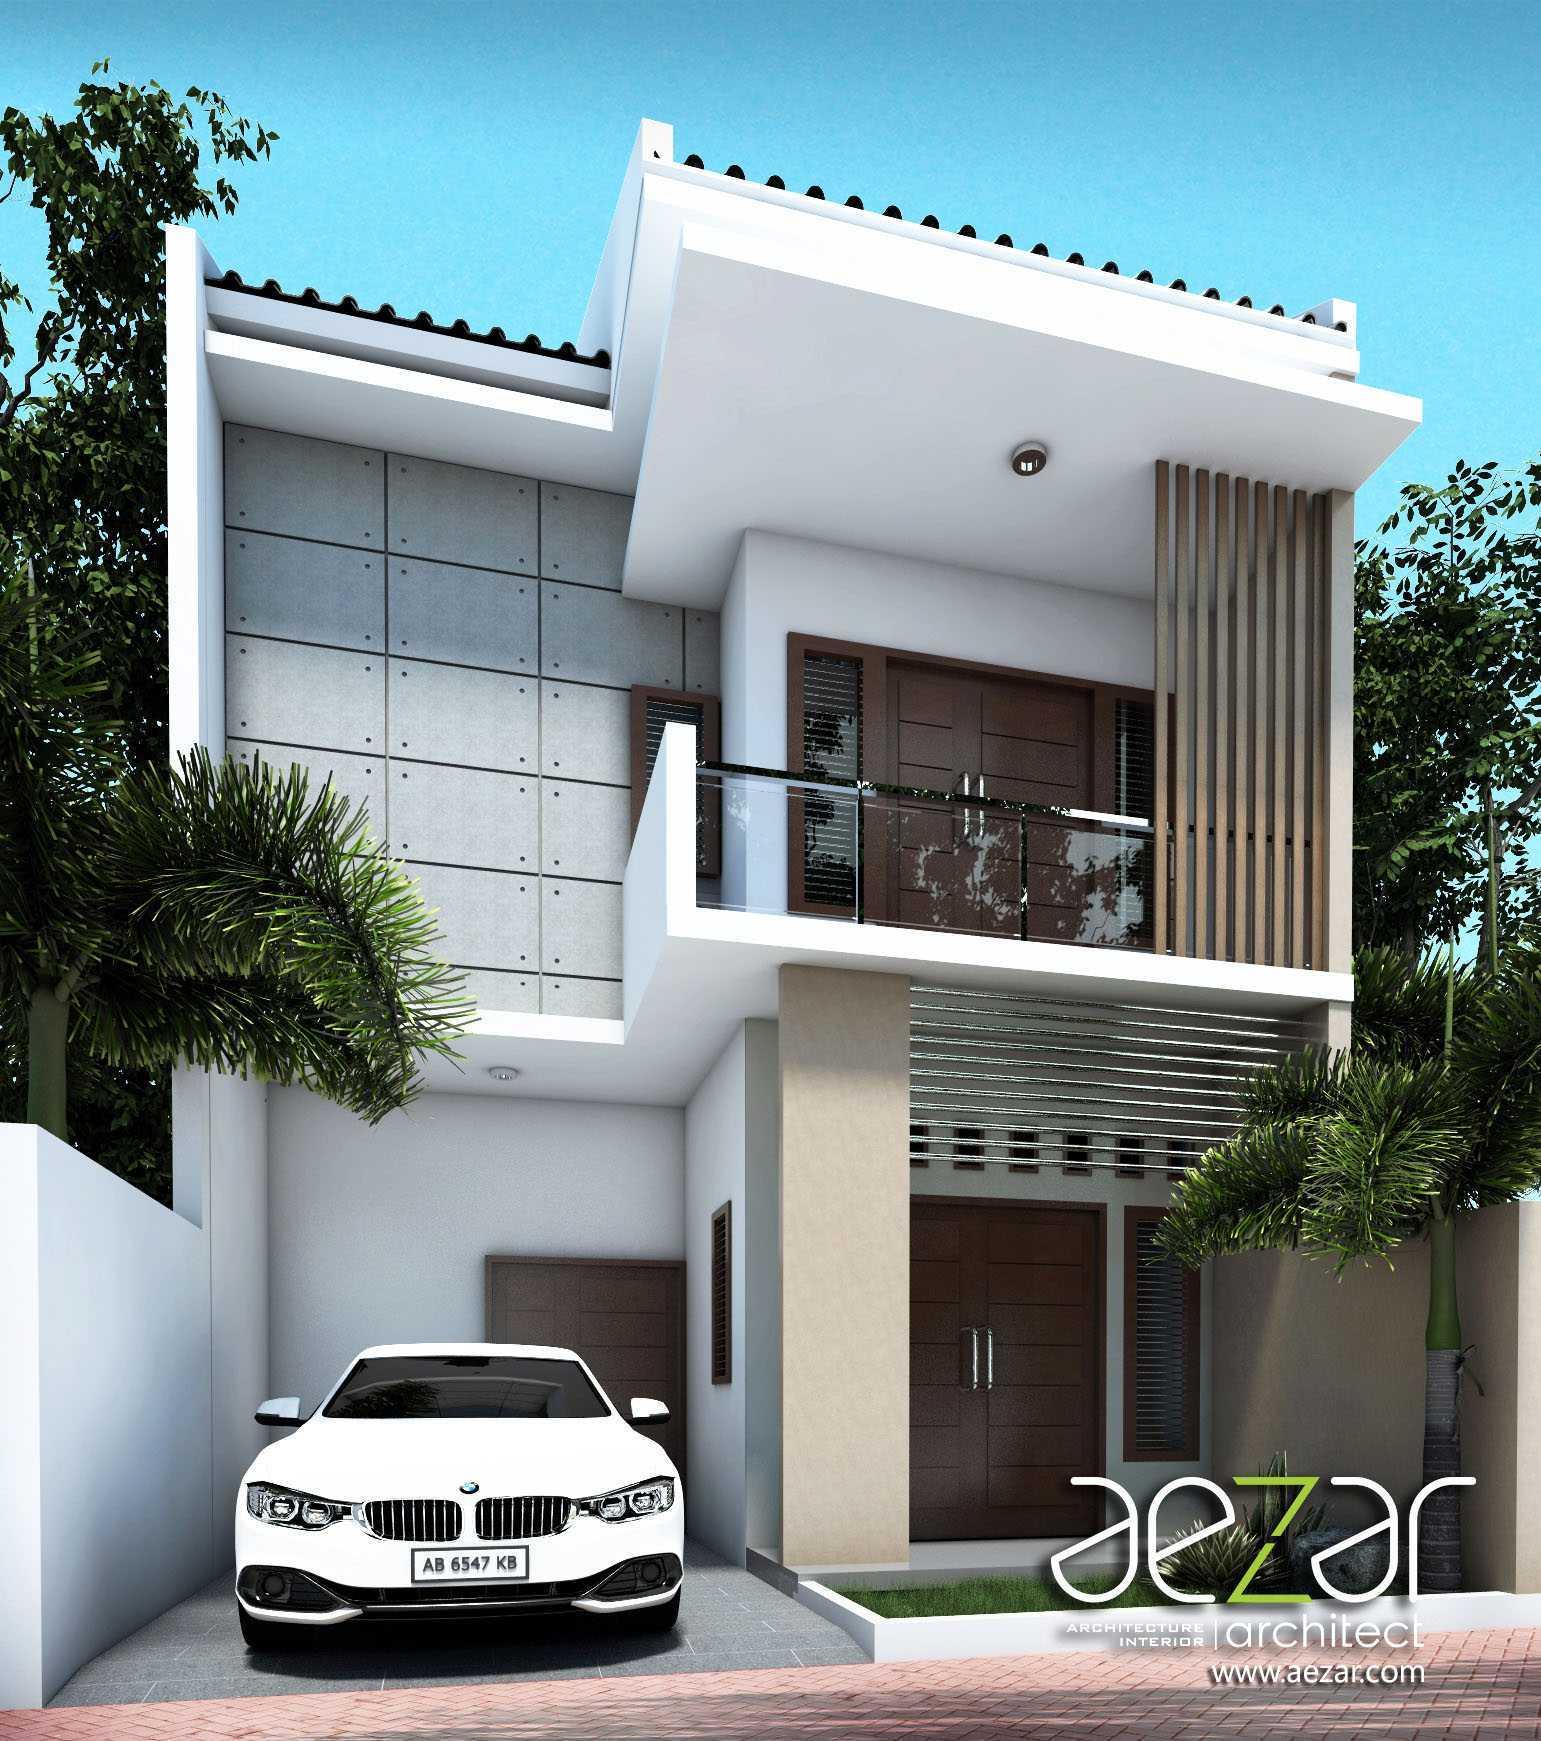 Aezar Architect di Semarang